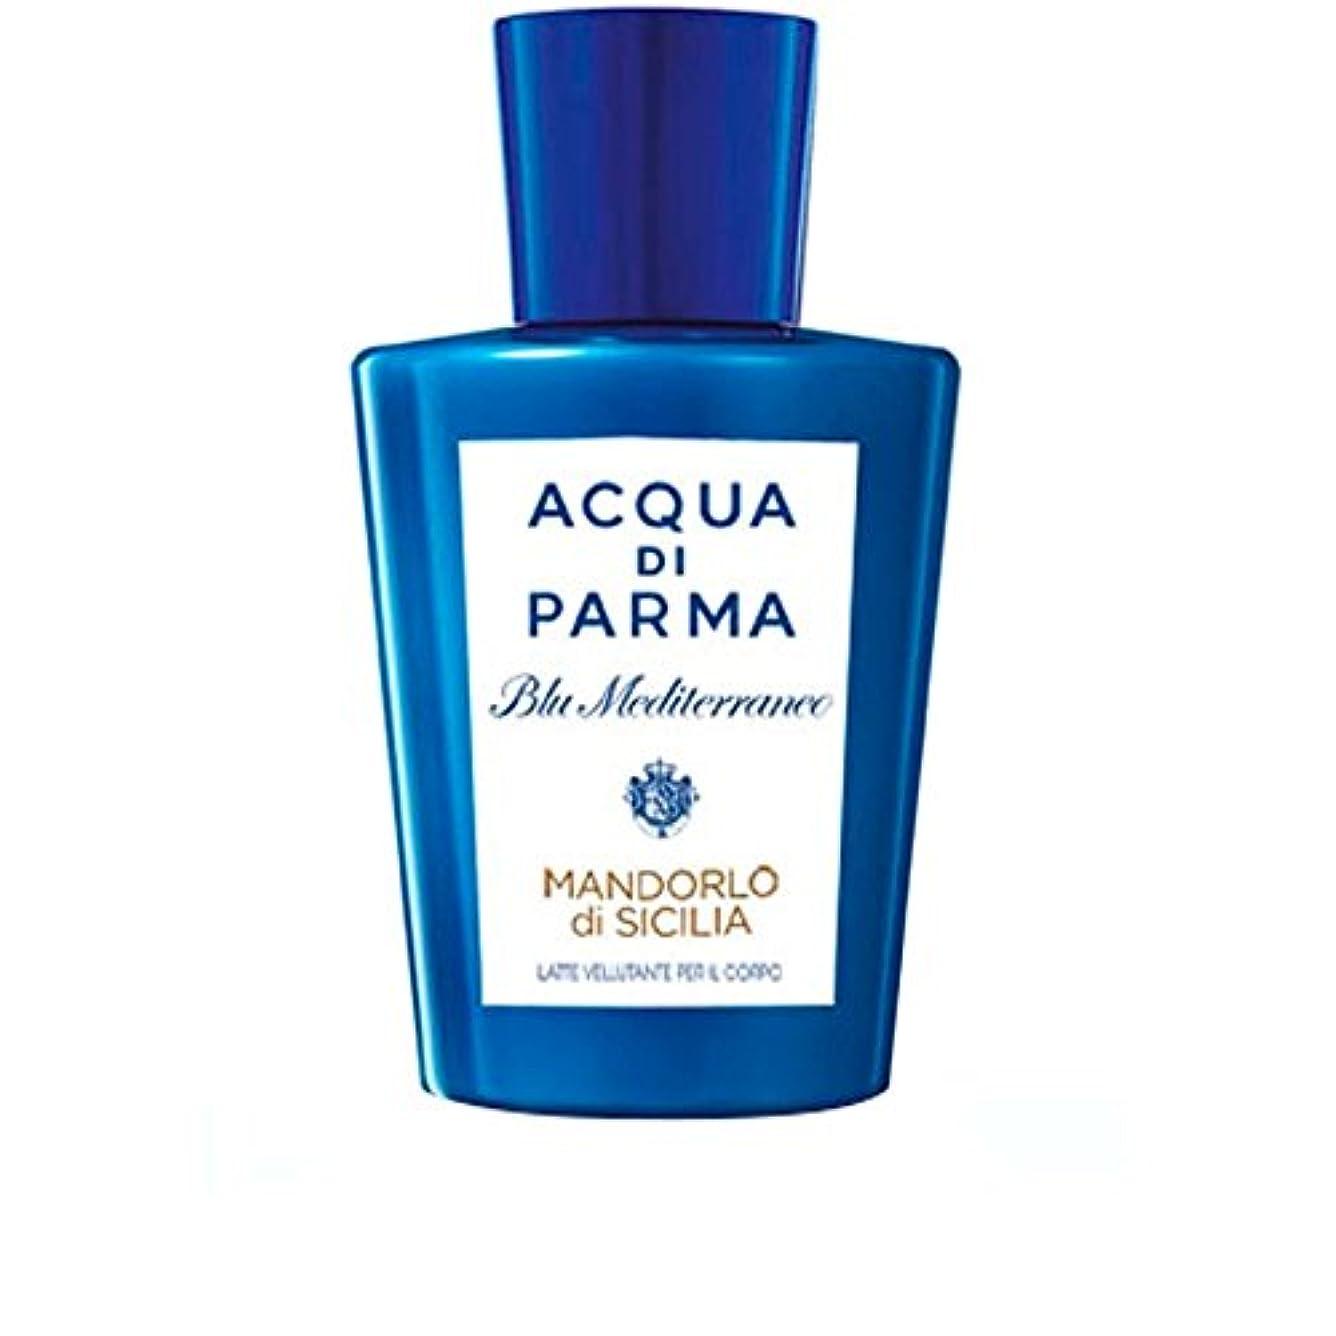 部族セール毎月Acqua Di Parma Mandorlo Di Sicilia Pampering Body Lotion 200ml (Pack of 6) - アクアディパルママンドルロ?ディ?シチリア至福のボディローション200...